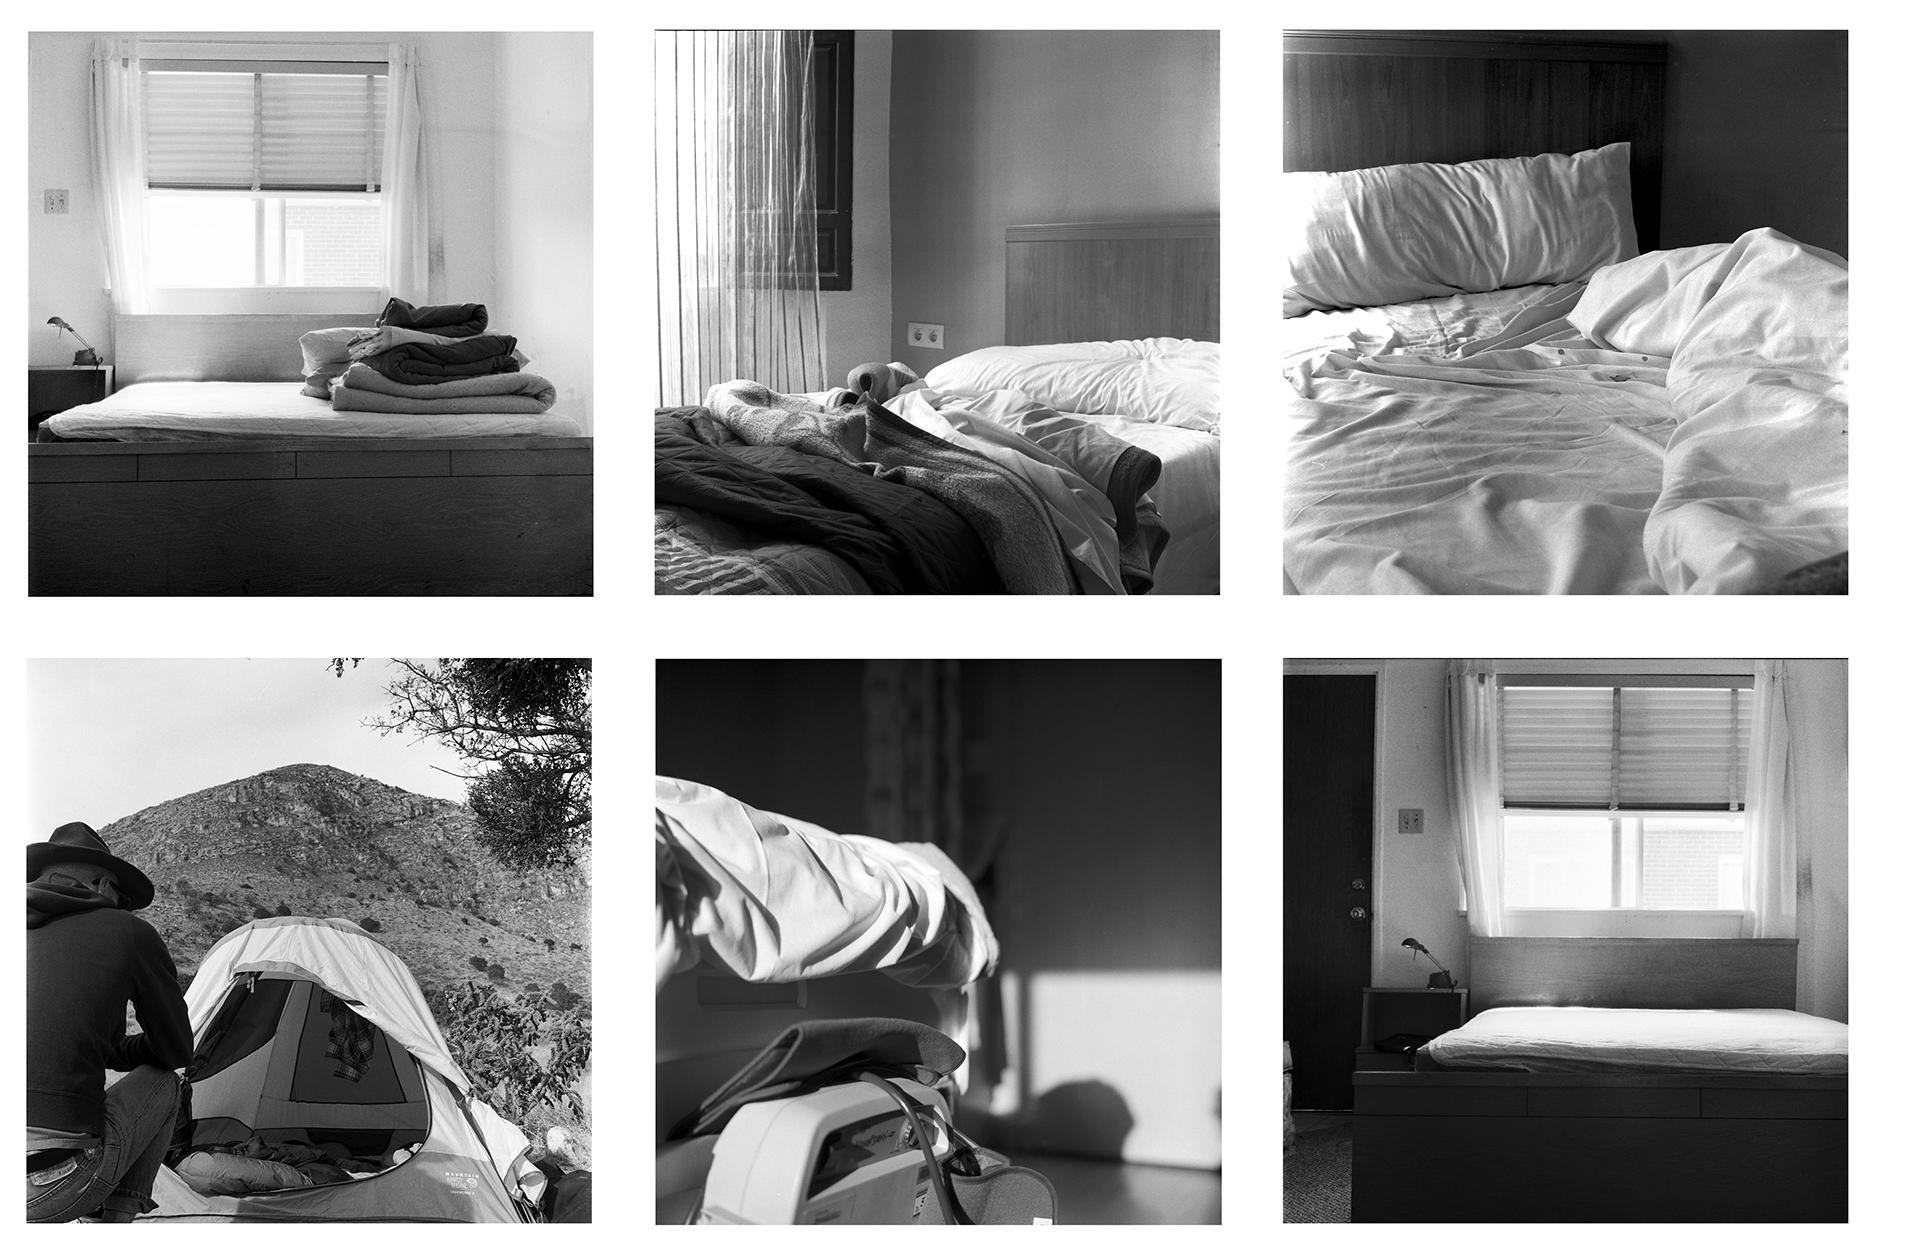 30_Beds 16 copy.jpg